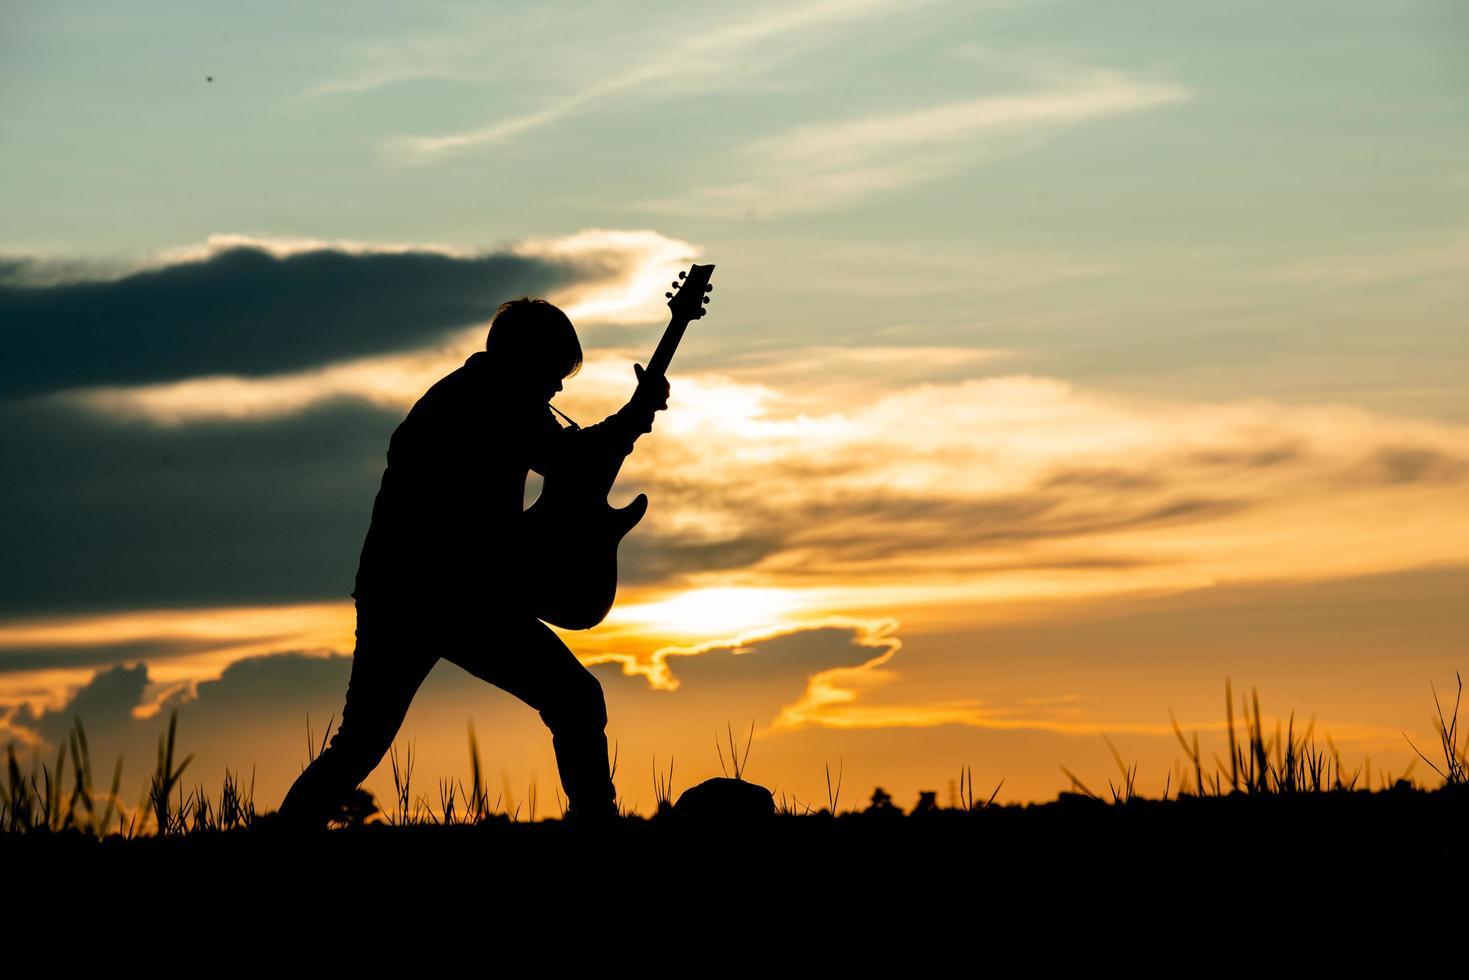 homme jouant de la guitare photo